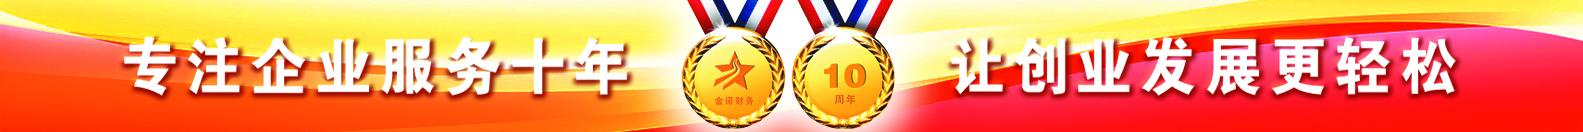 昆明澳门正规赌博十大网站专注企业注册、澳门正规赌博十大网站十年经验